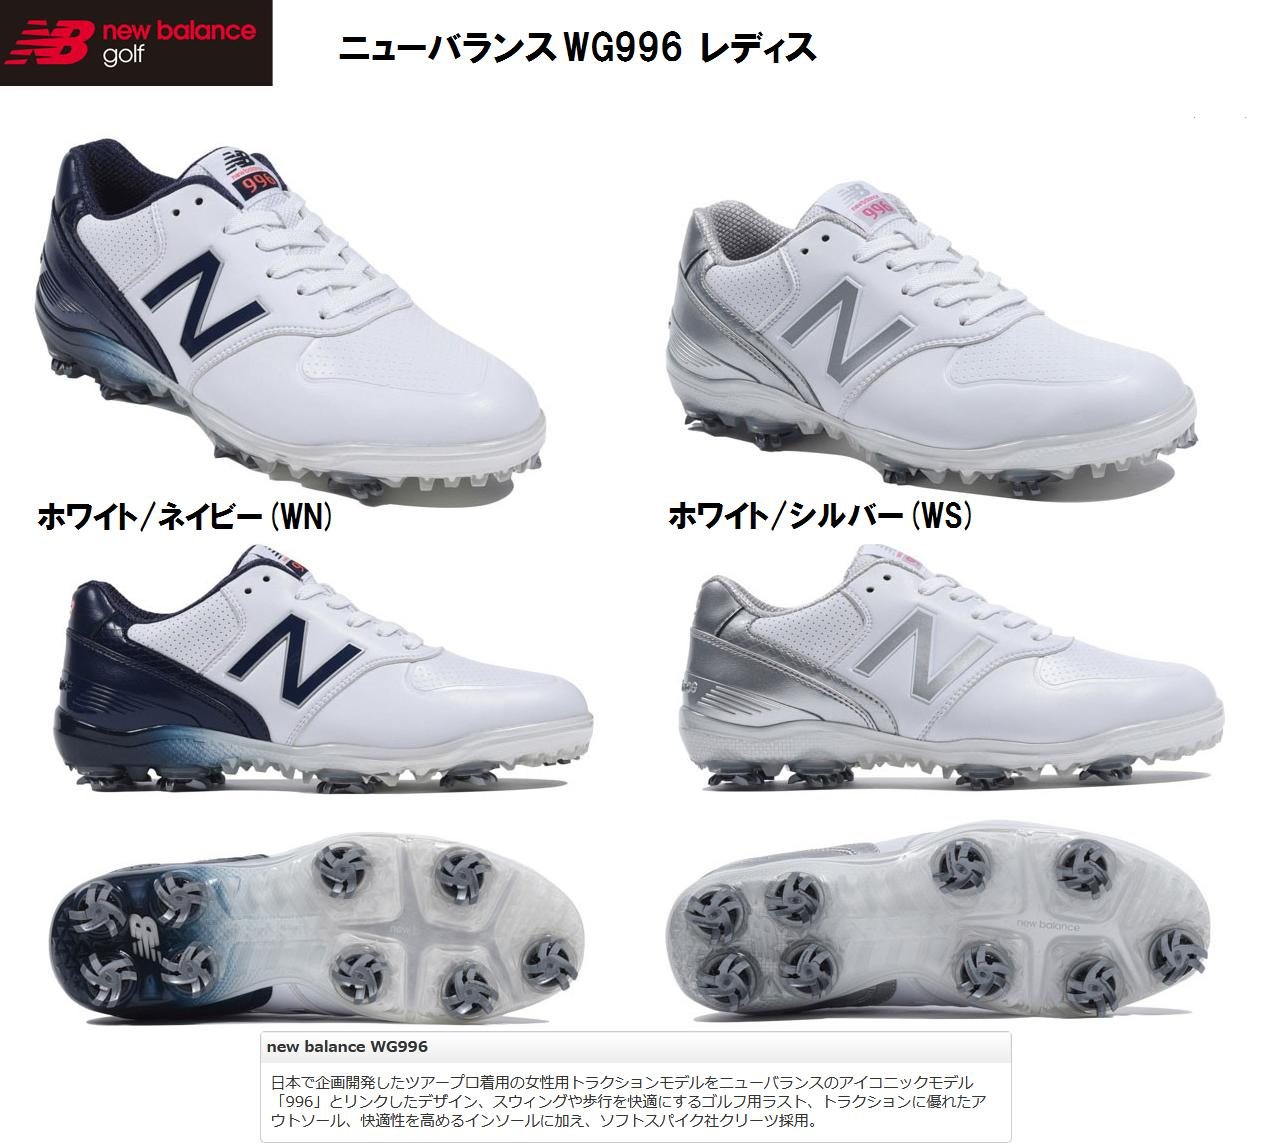 new balance golf ニューバランスゴルフ WG996 2018年モデル レディスゴルフシューズ 日本正規品